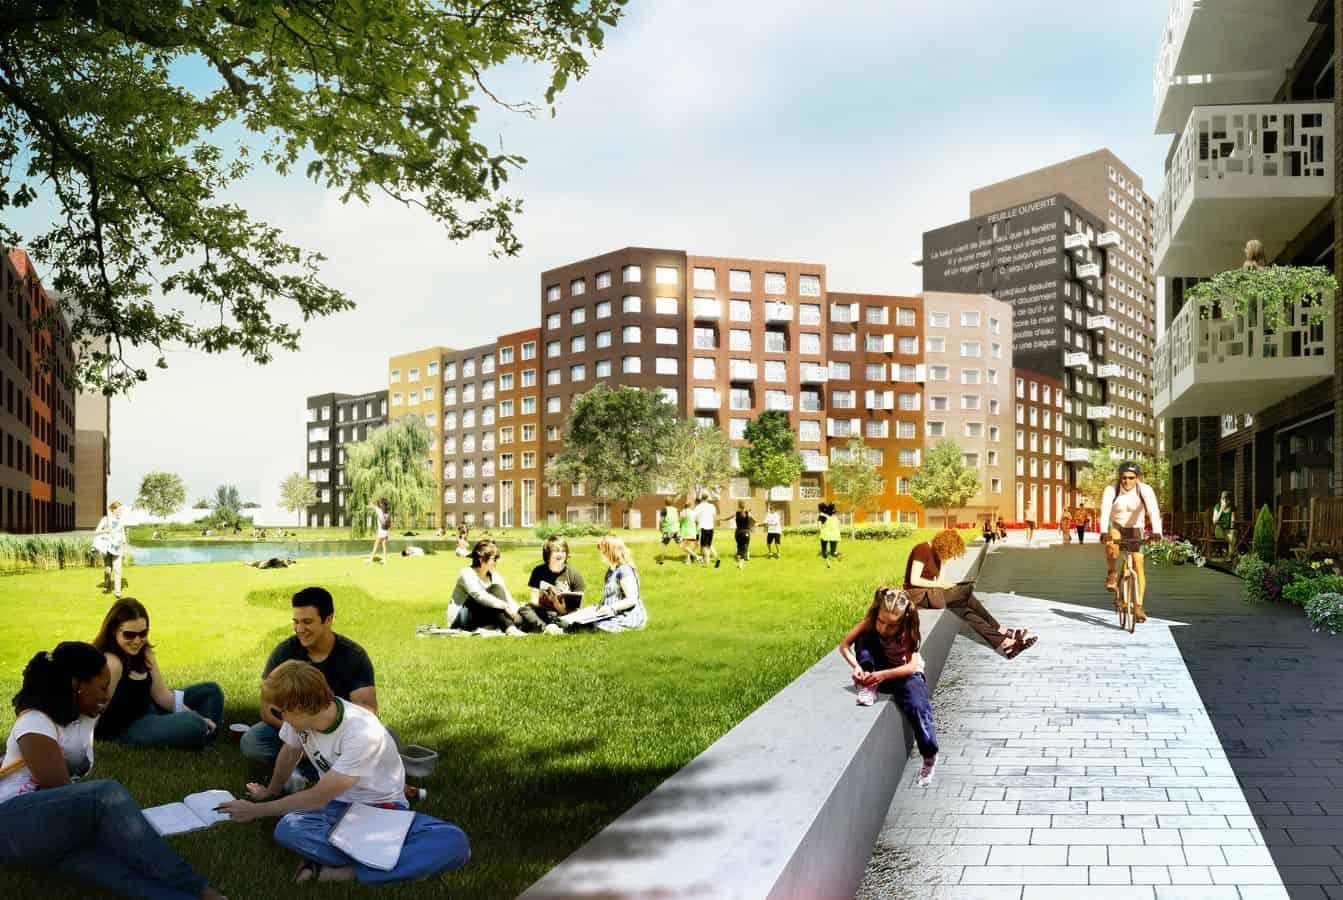 Leidse Schans Campus